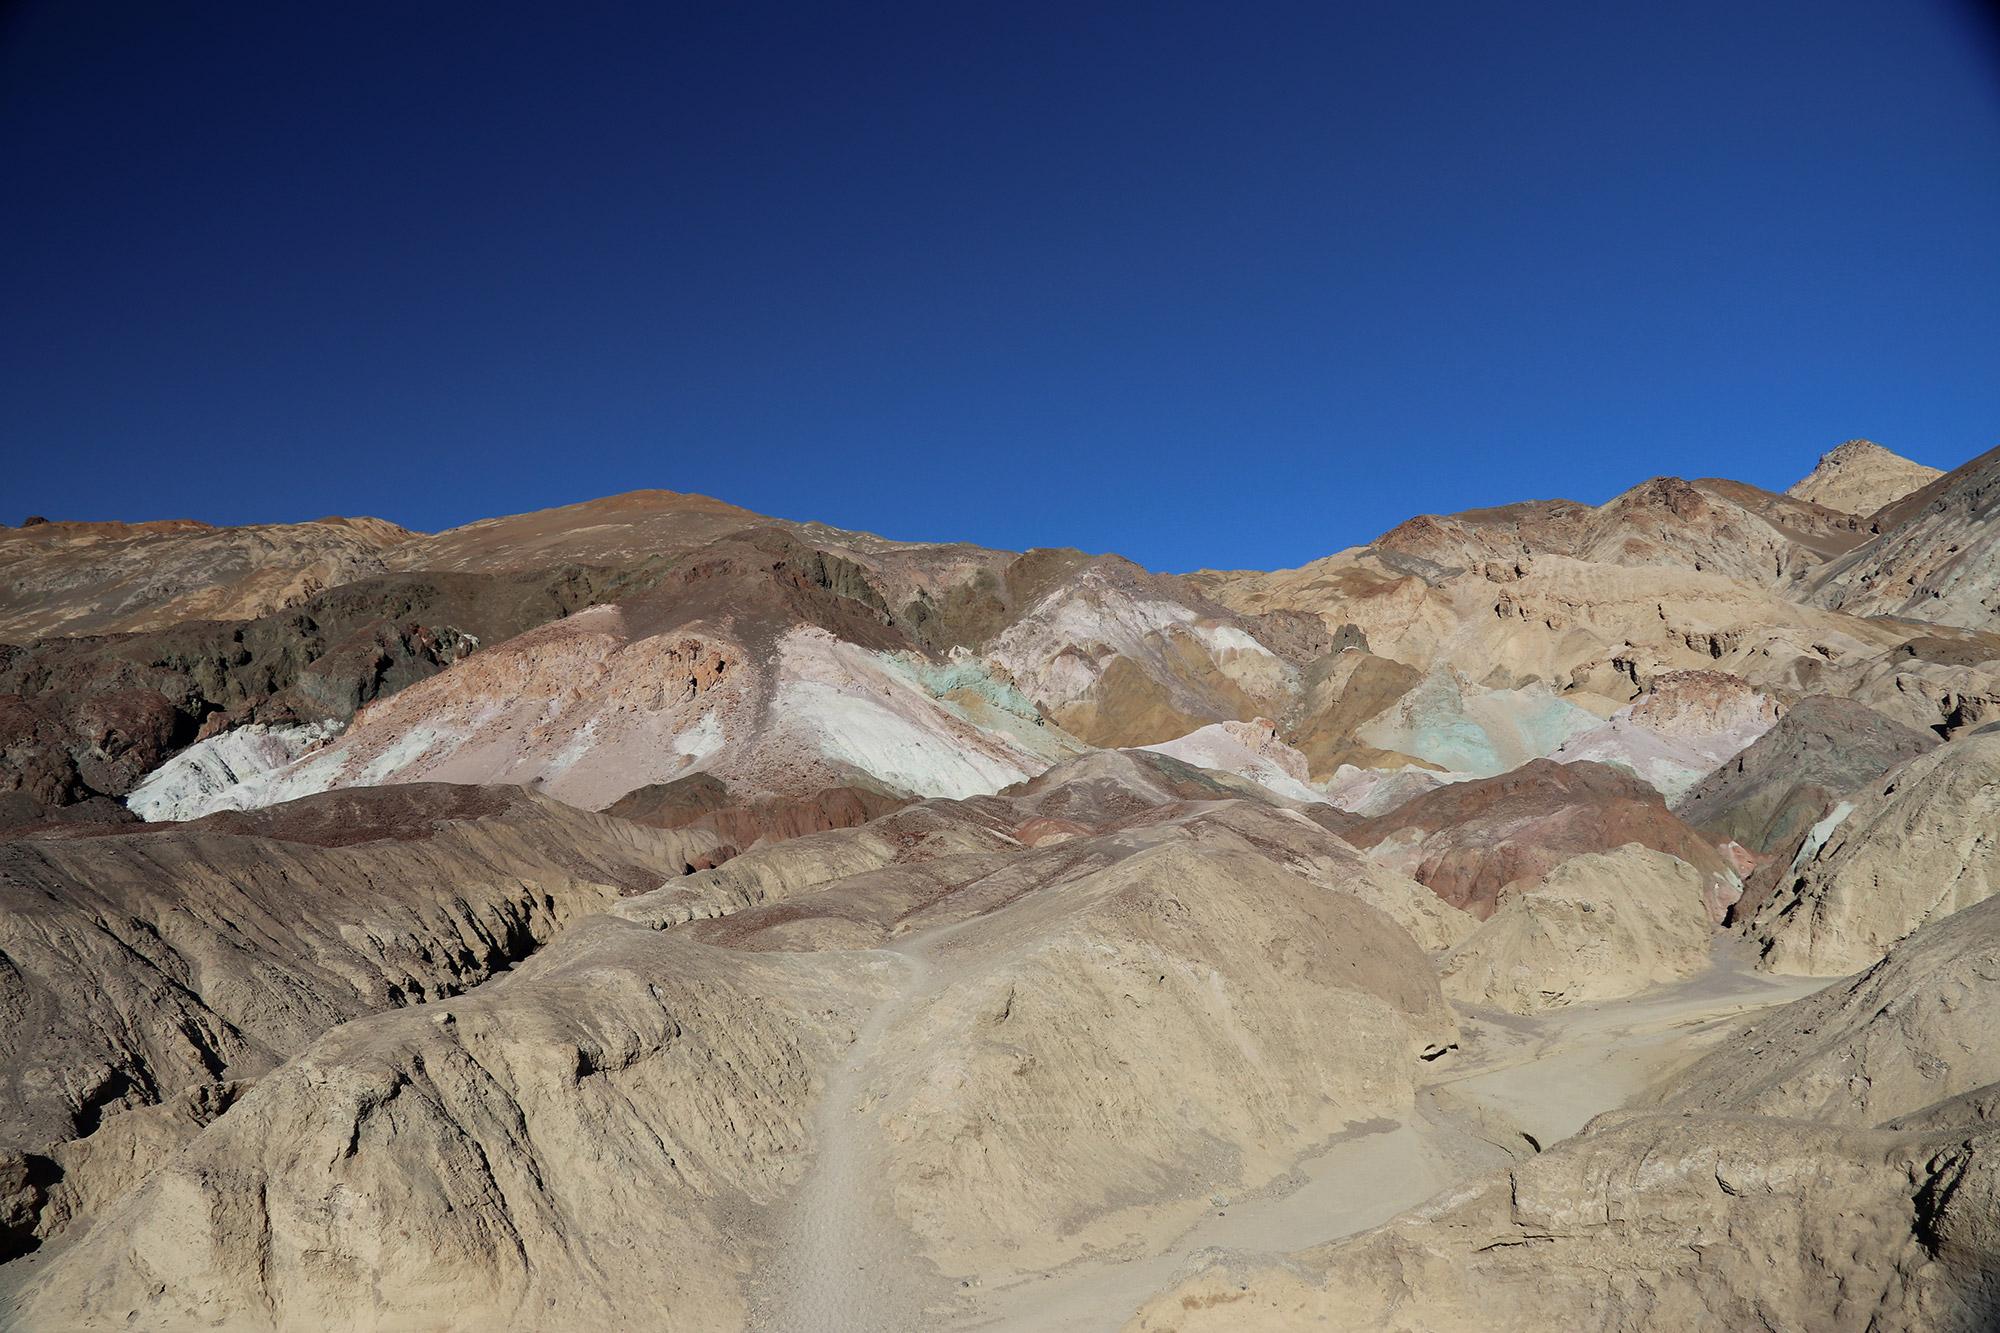 Amerika dag 18 - Death Valley National Park - Artists Palette